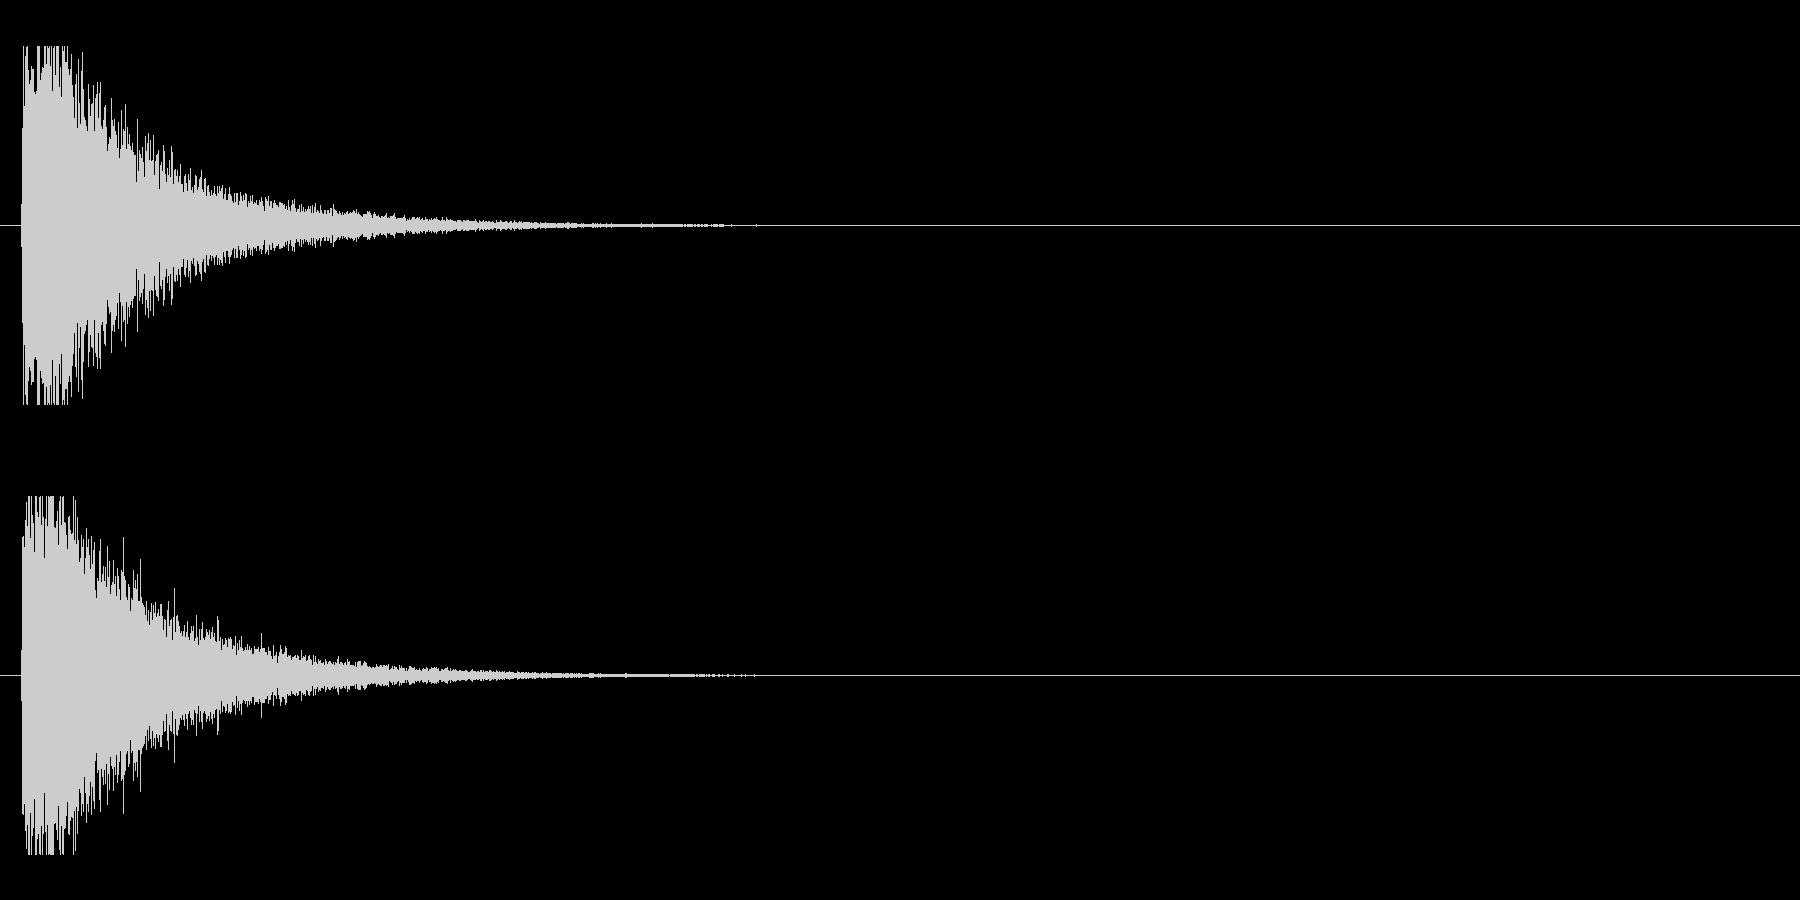 レーザー音-92-1の未再生の波形